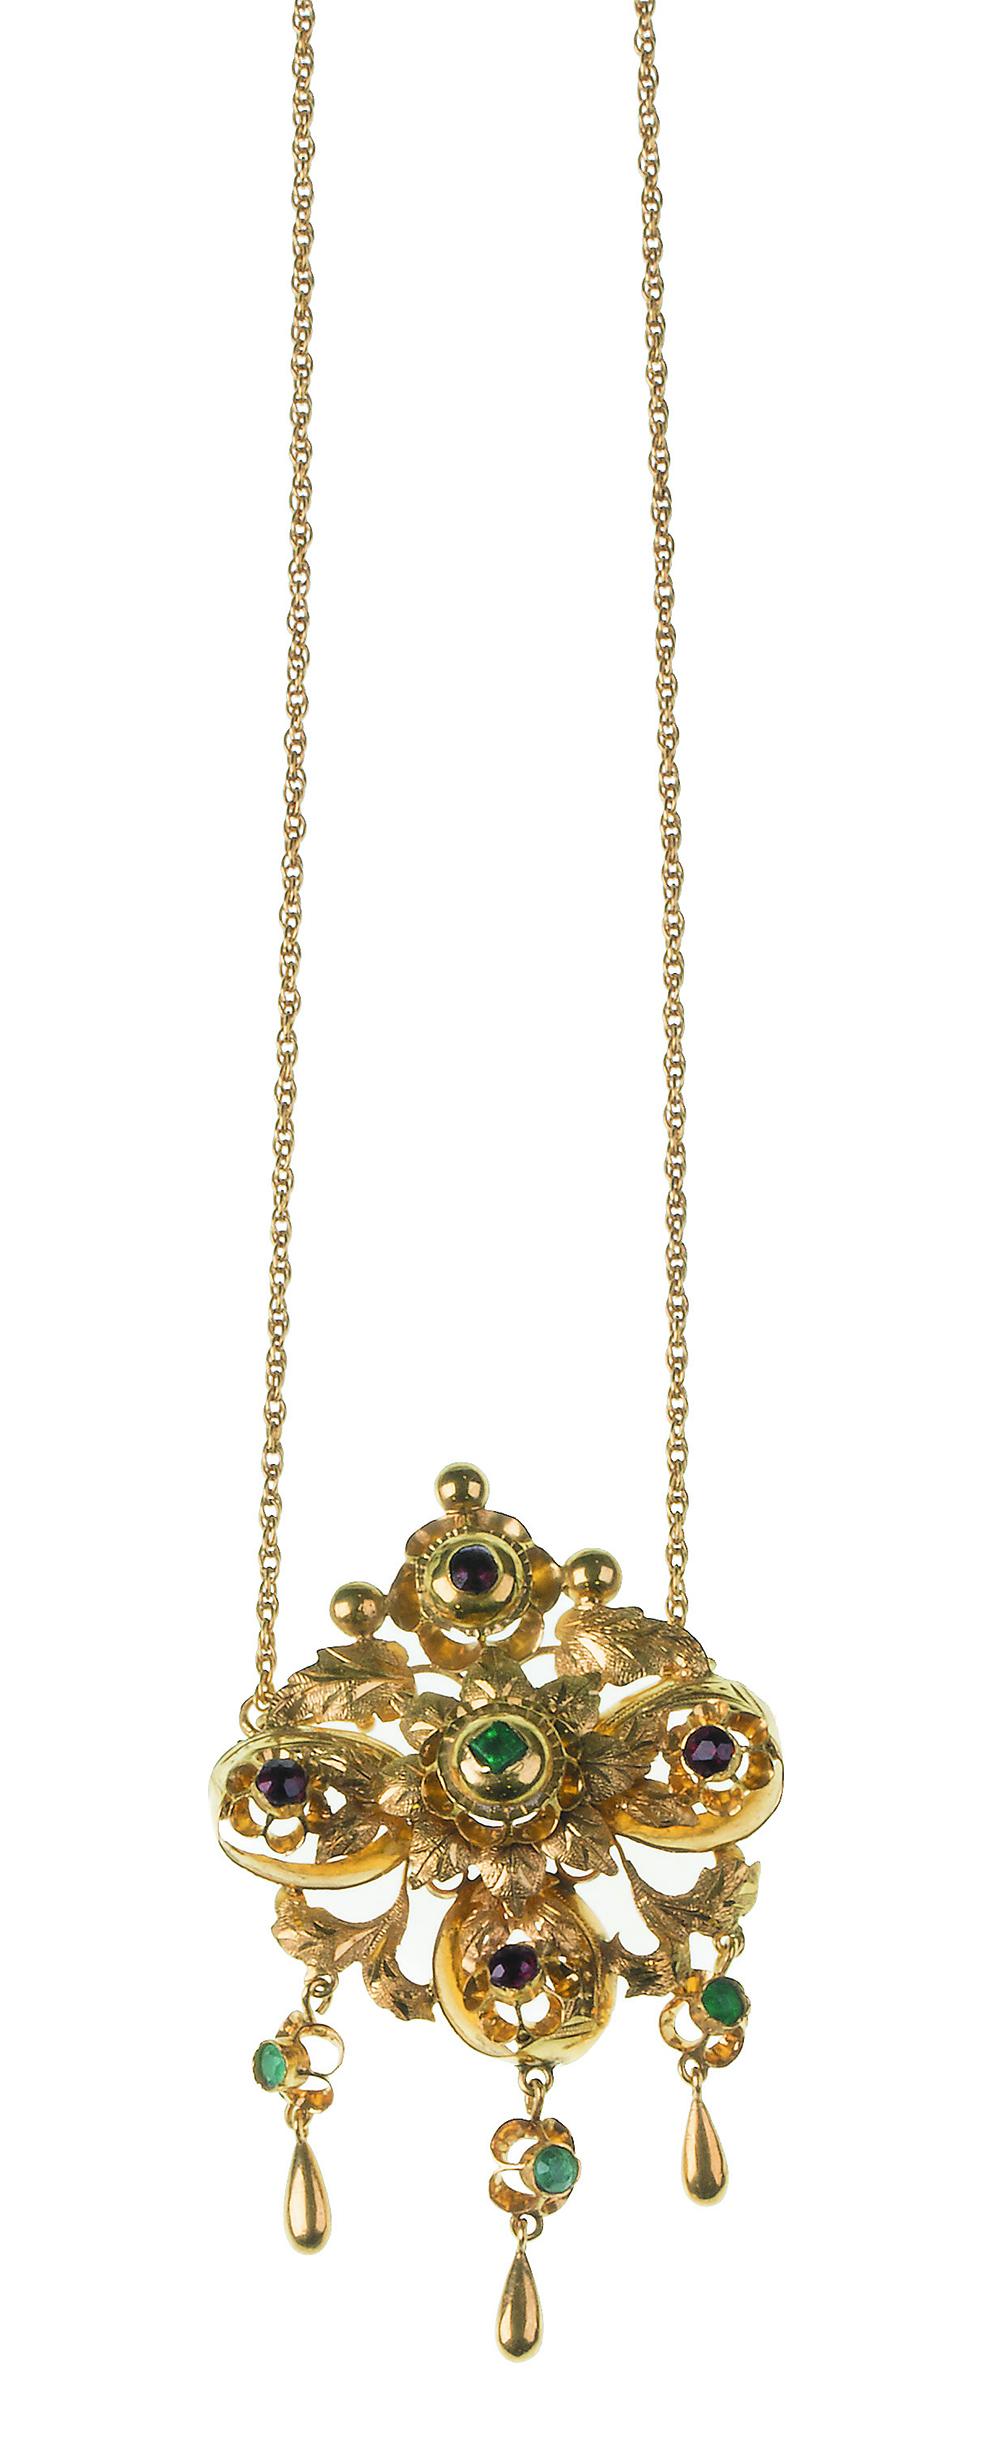 Lot 36 - Pendentif con centro floral adornado con esmeraldas, rubíes y zafiros que pende de cadena Medidas